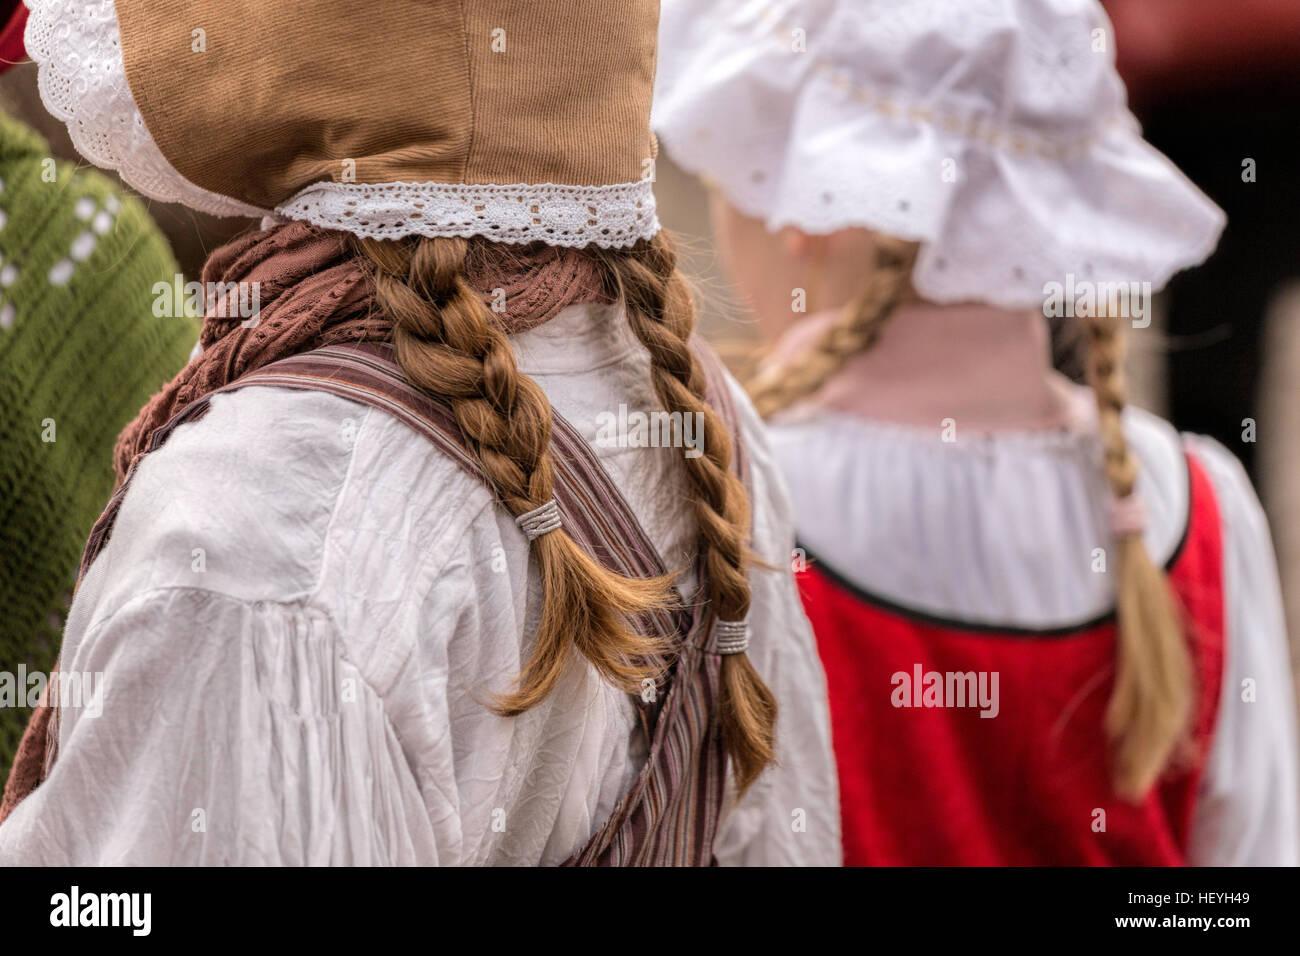 Les filles avec cheveux tressés et vêtus de vêtements du 19ème siècle au festival Dickens de Deventer, Overijssel, Pays-Bas. Banque D'Images